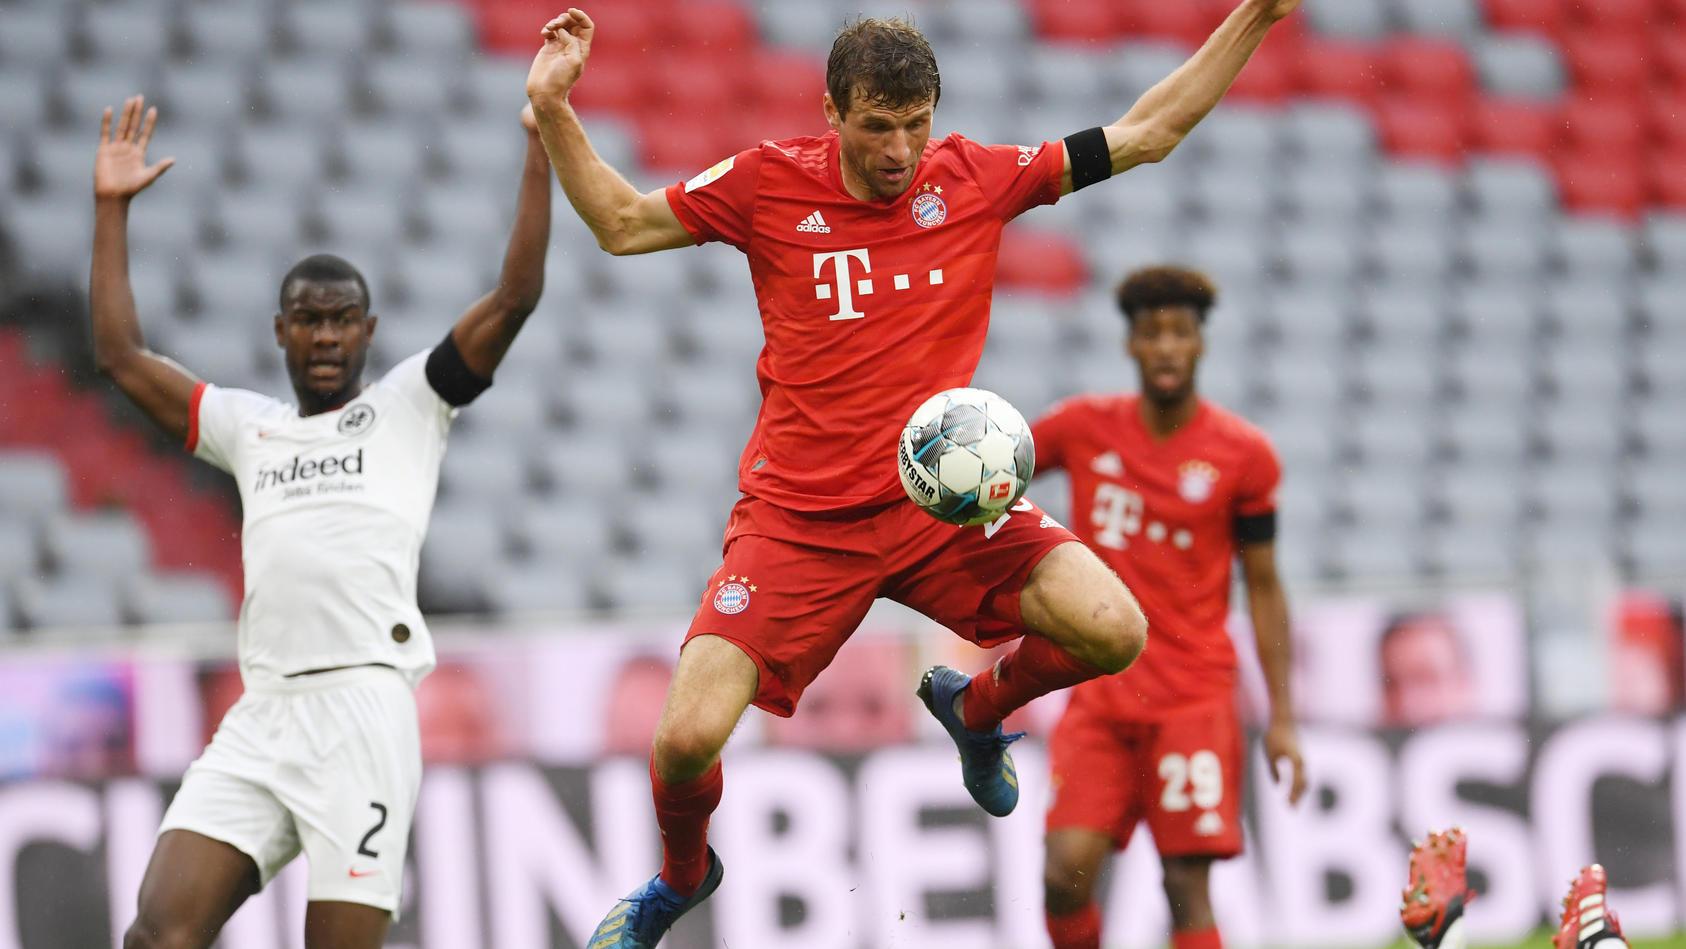 FC Bayern München - Eintracht Frankfurt